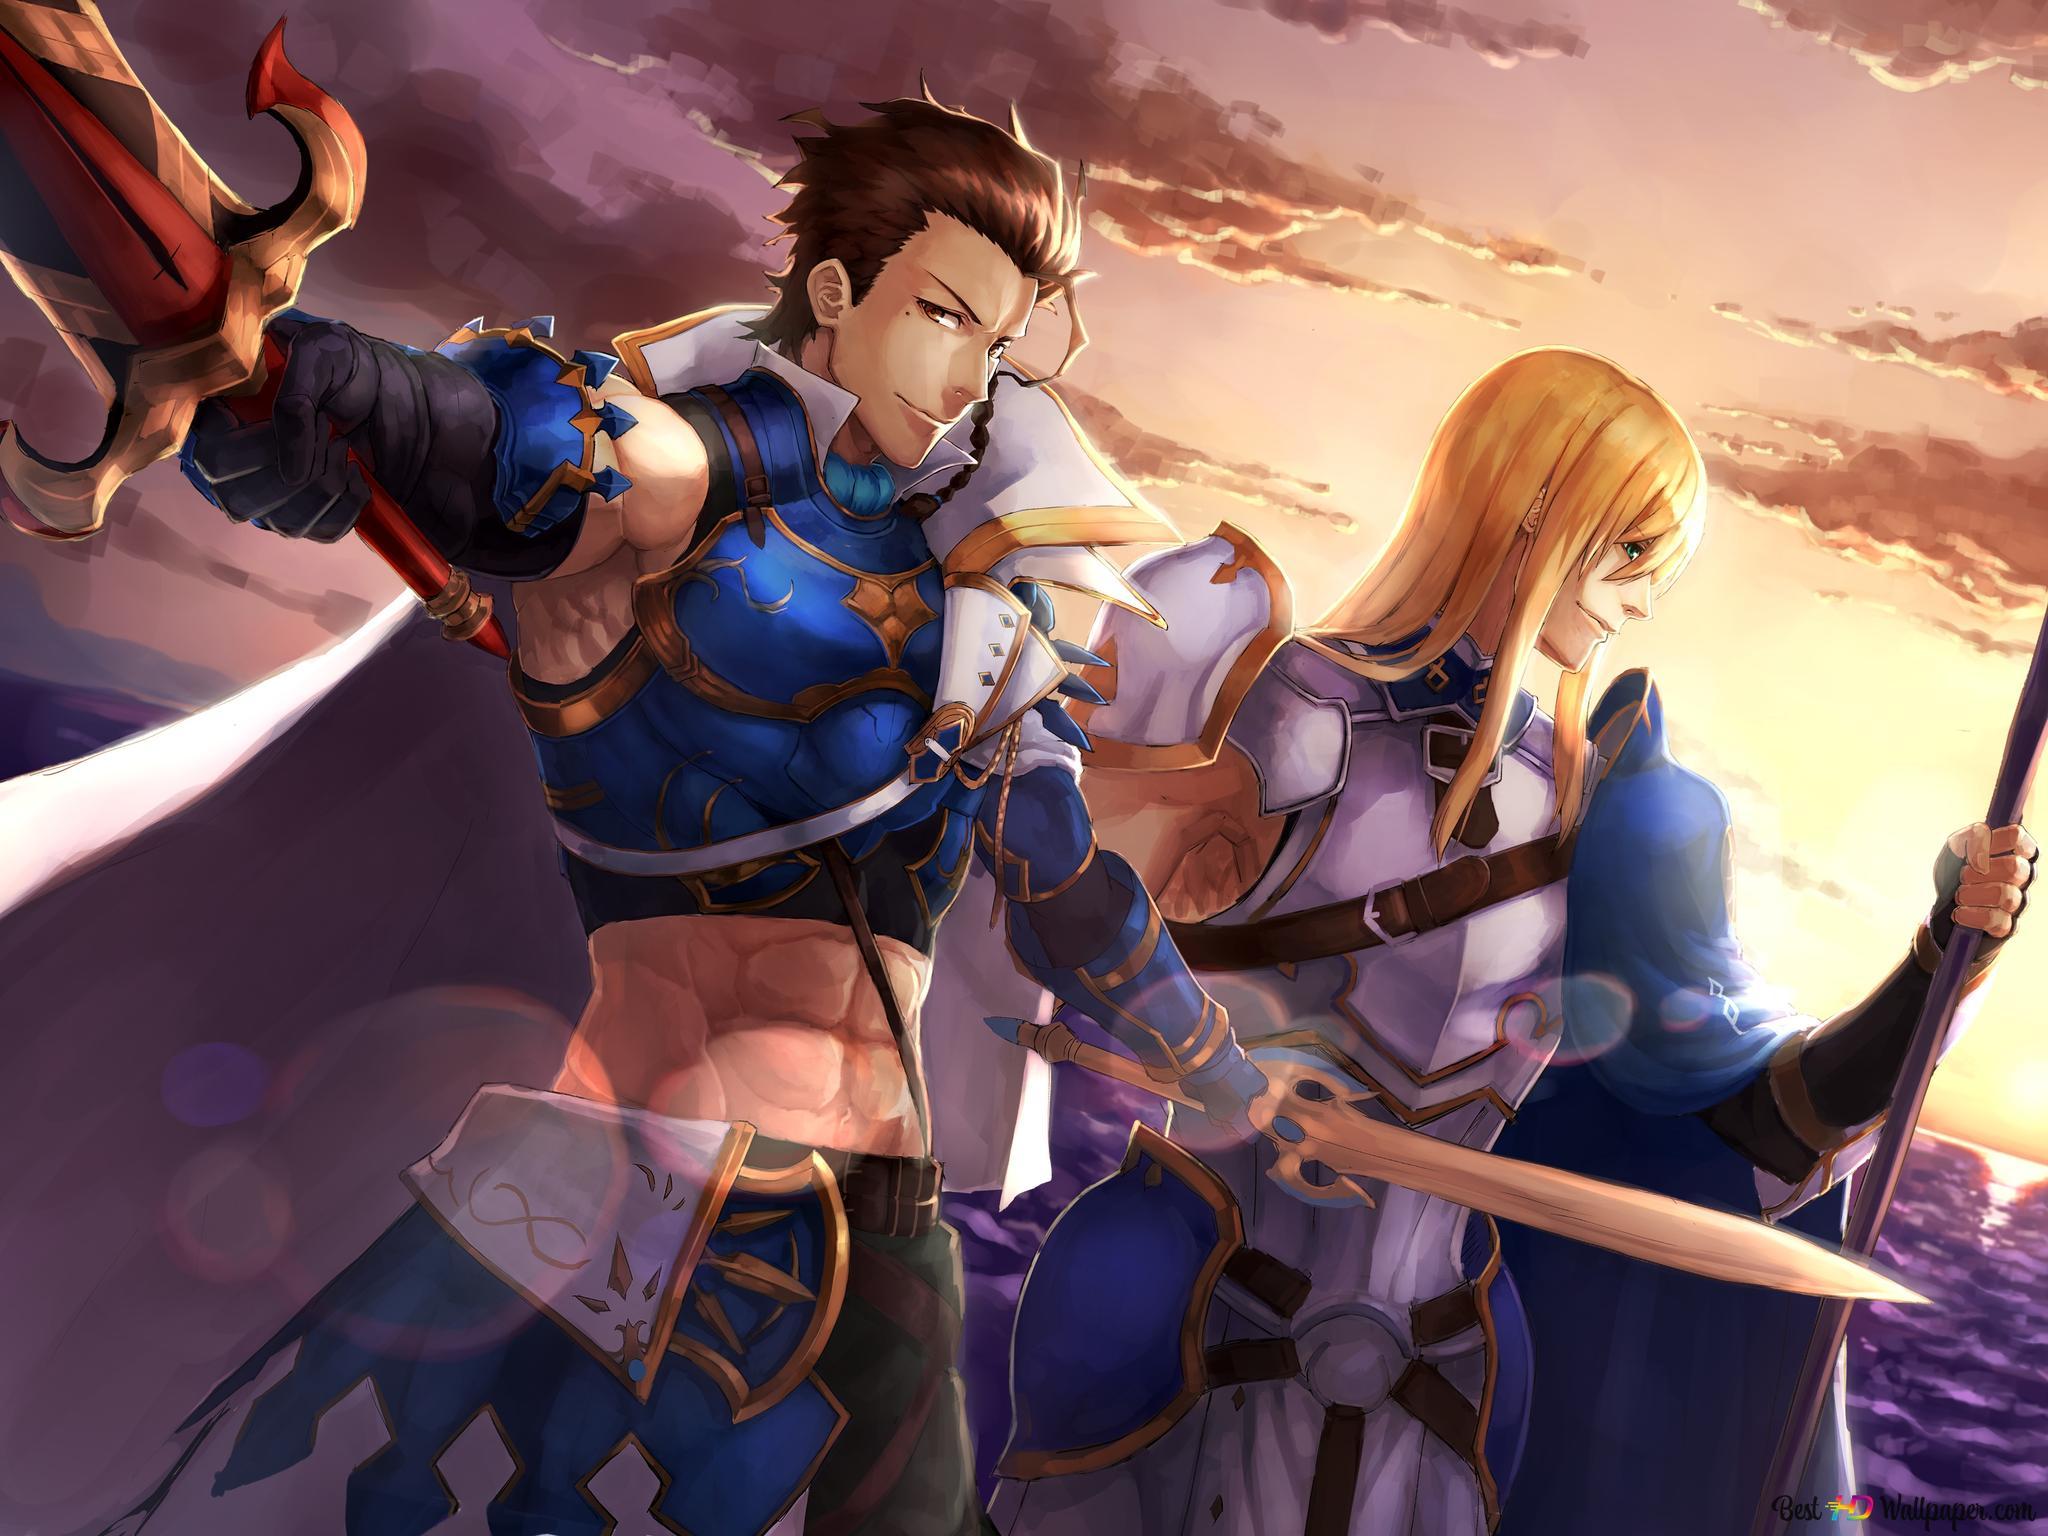 Fate/Grand Order - Saber & Lancer HD wallpaper download